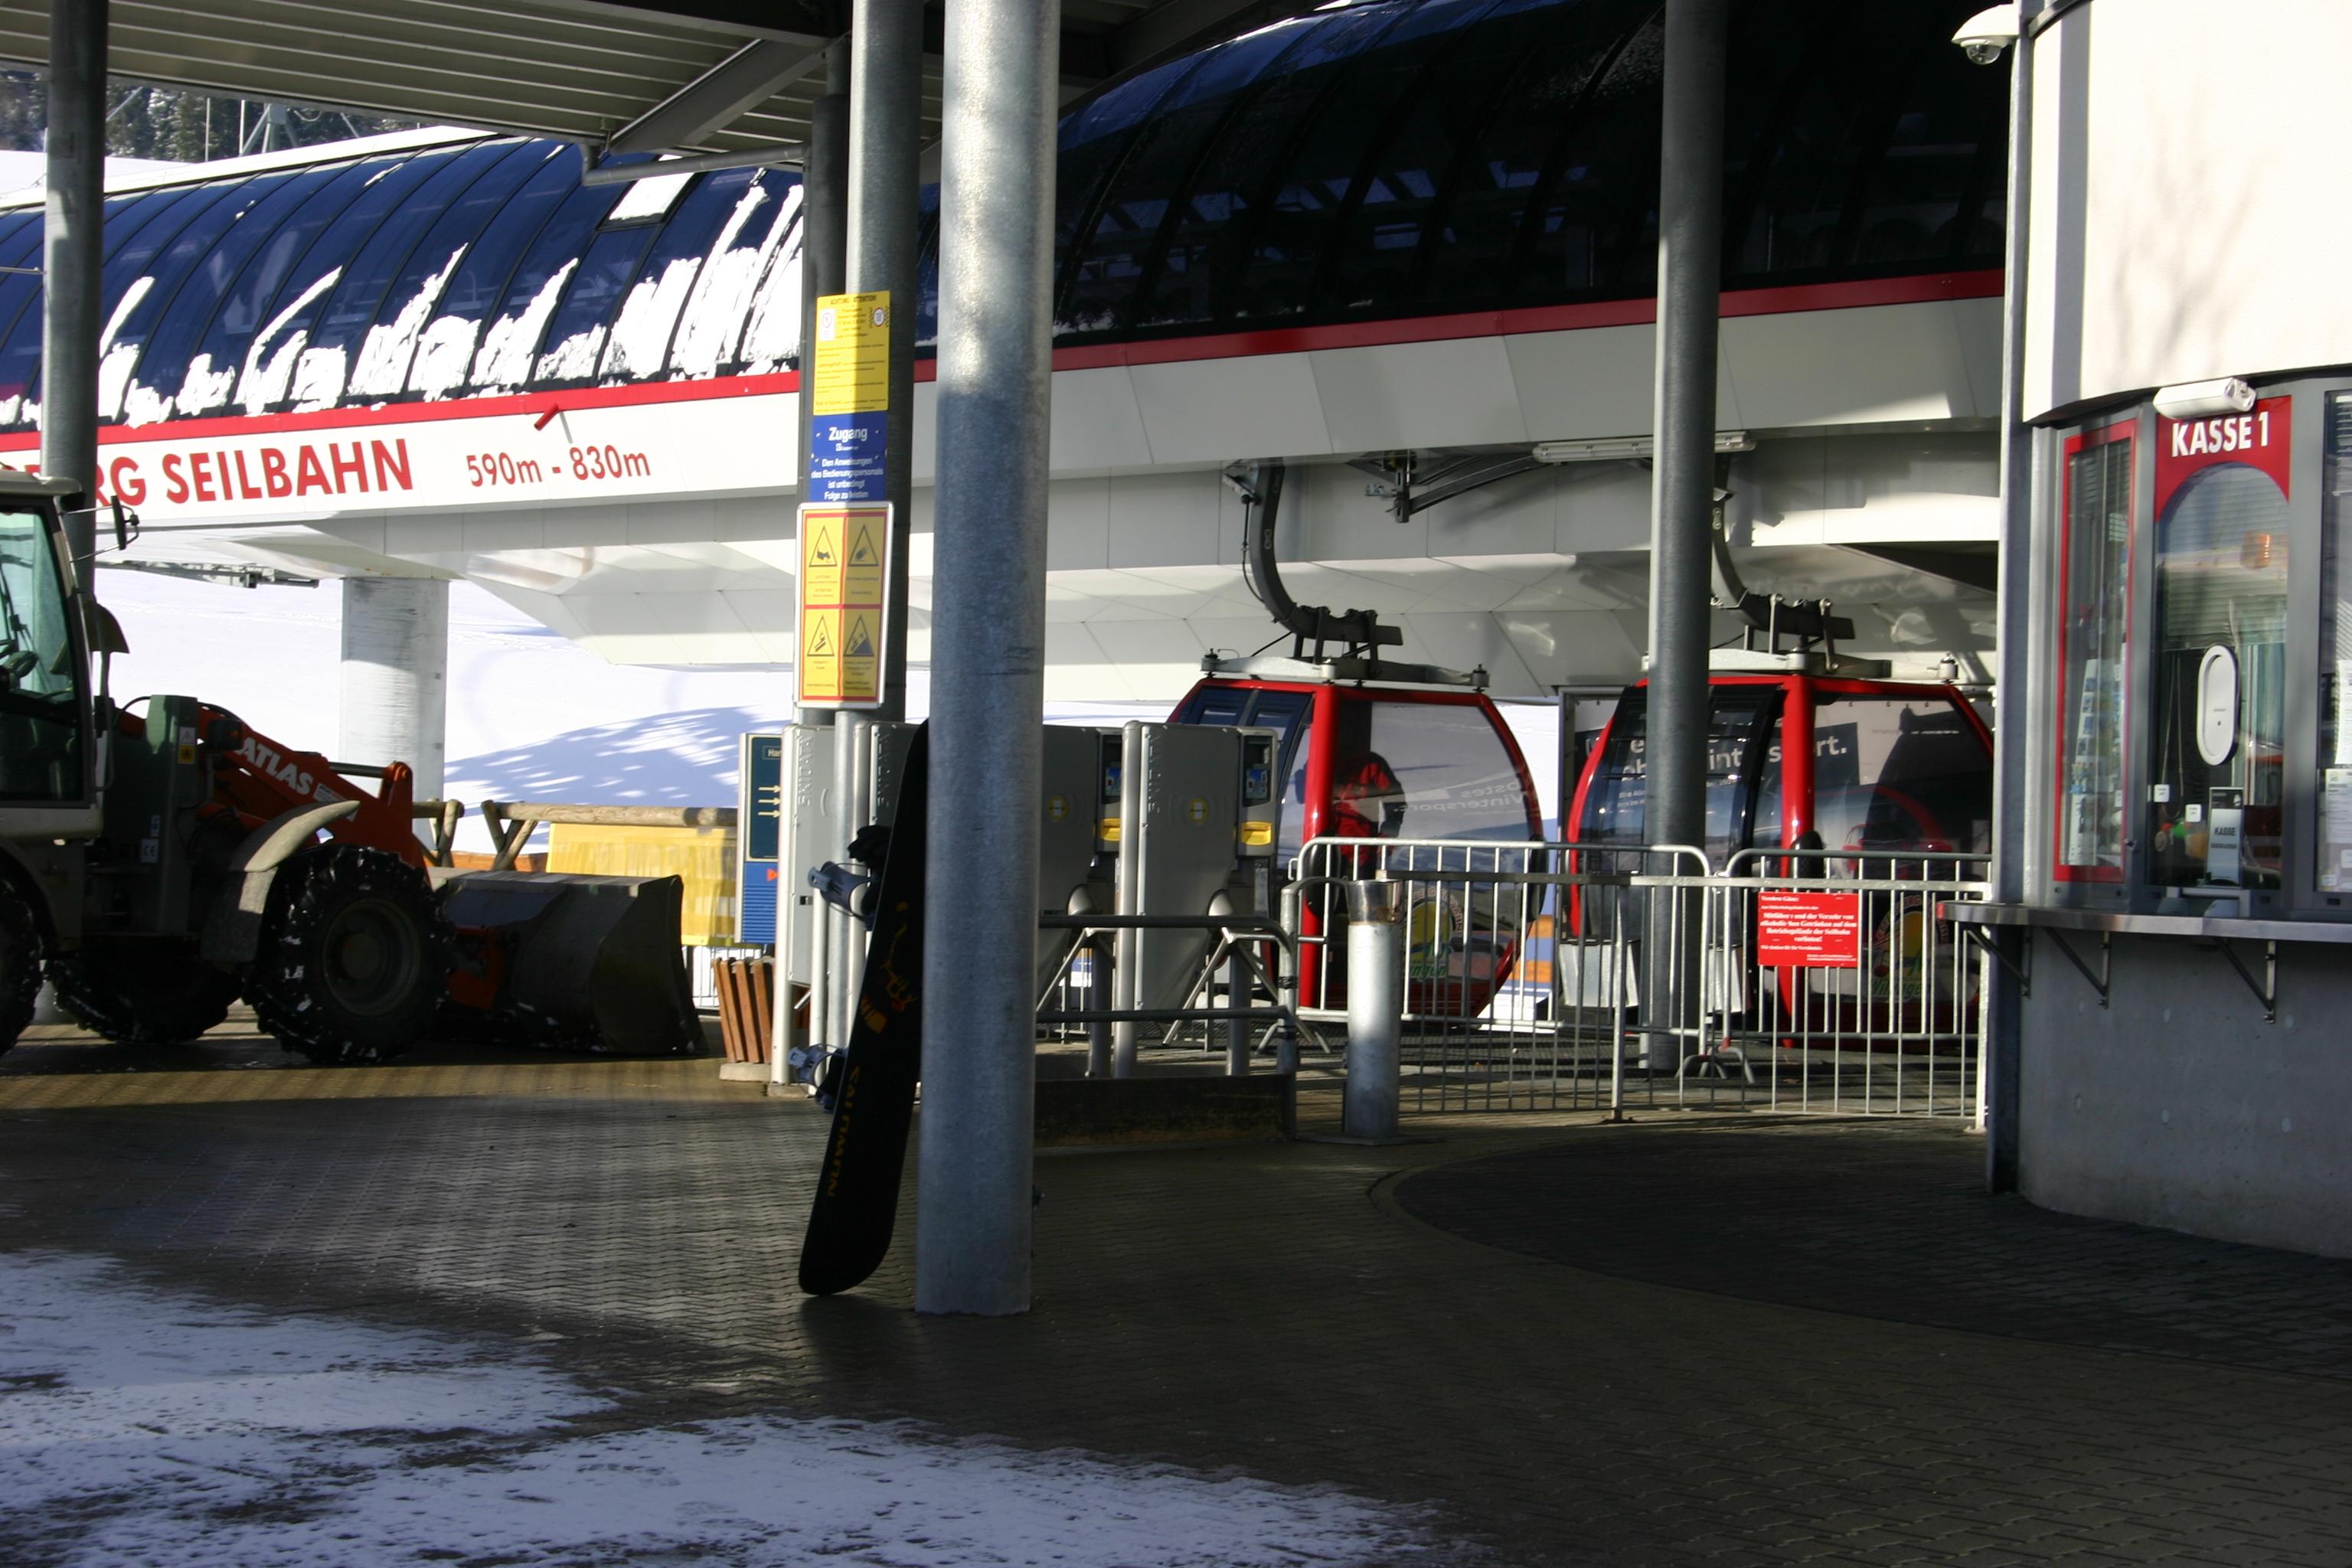 Wintersport Arena Sauerland 075 - Willingen